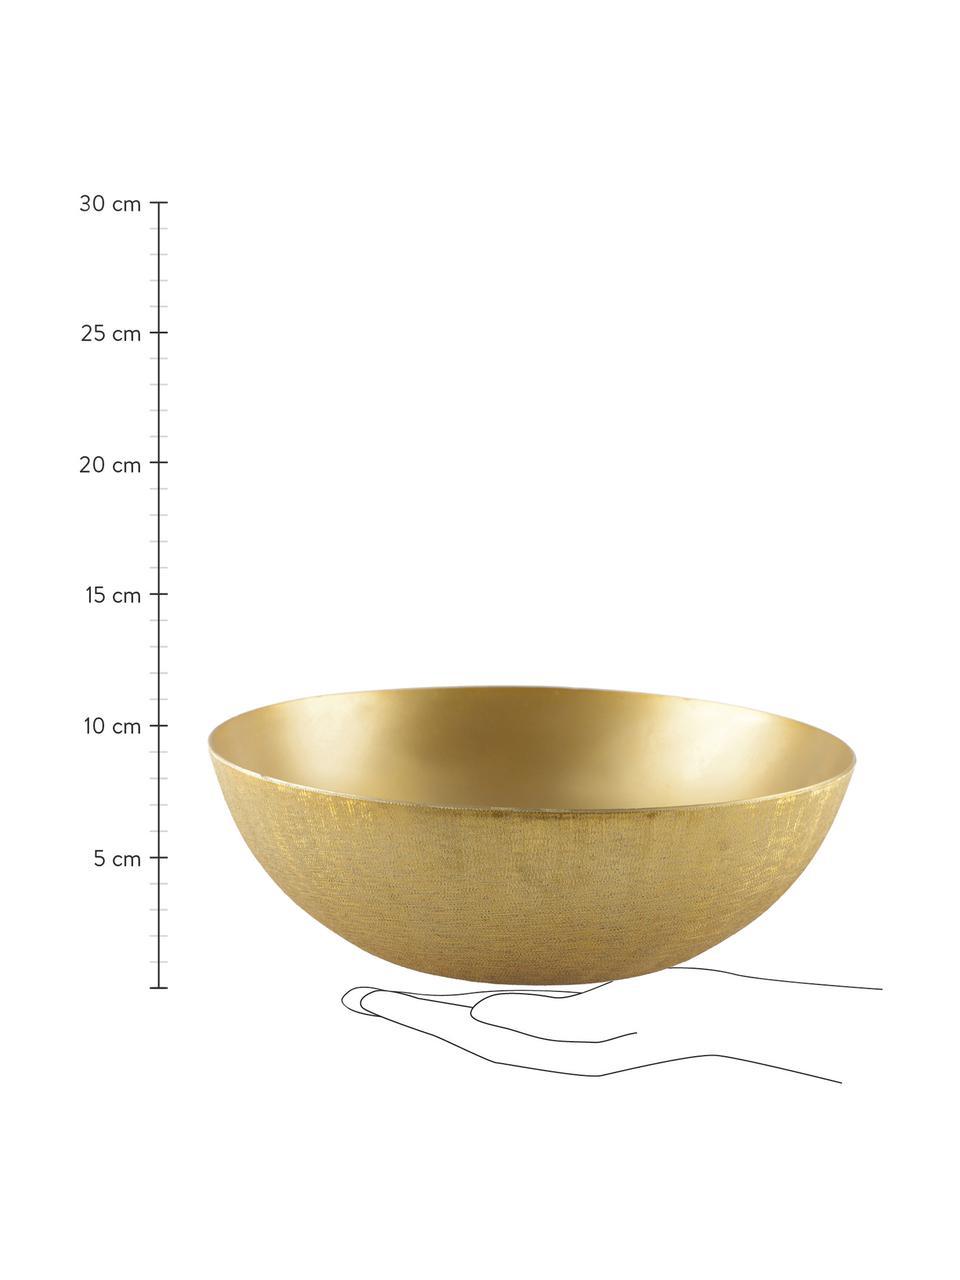 Miska z aluminium Simple, Aluminium powlekane, Odcienie złotego, szczotkowany, Ø 25 x 8 cm